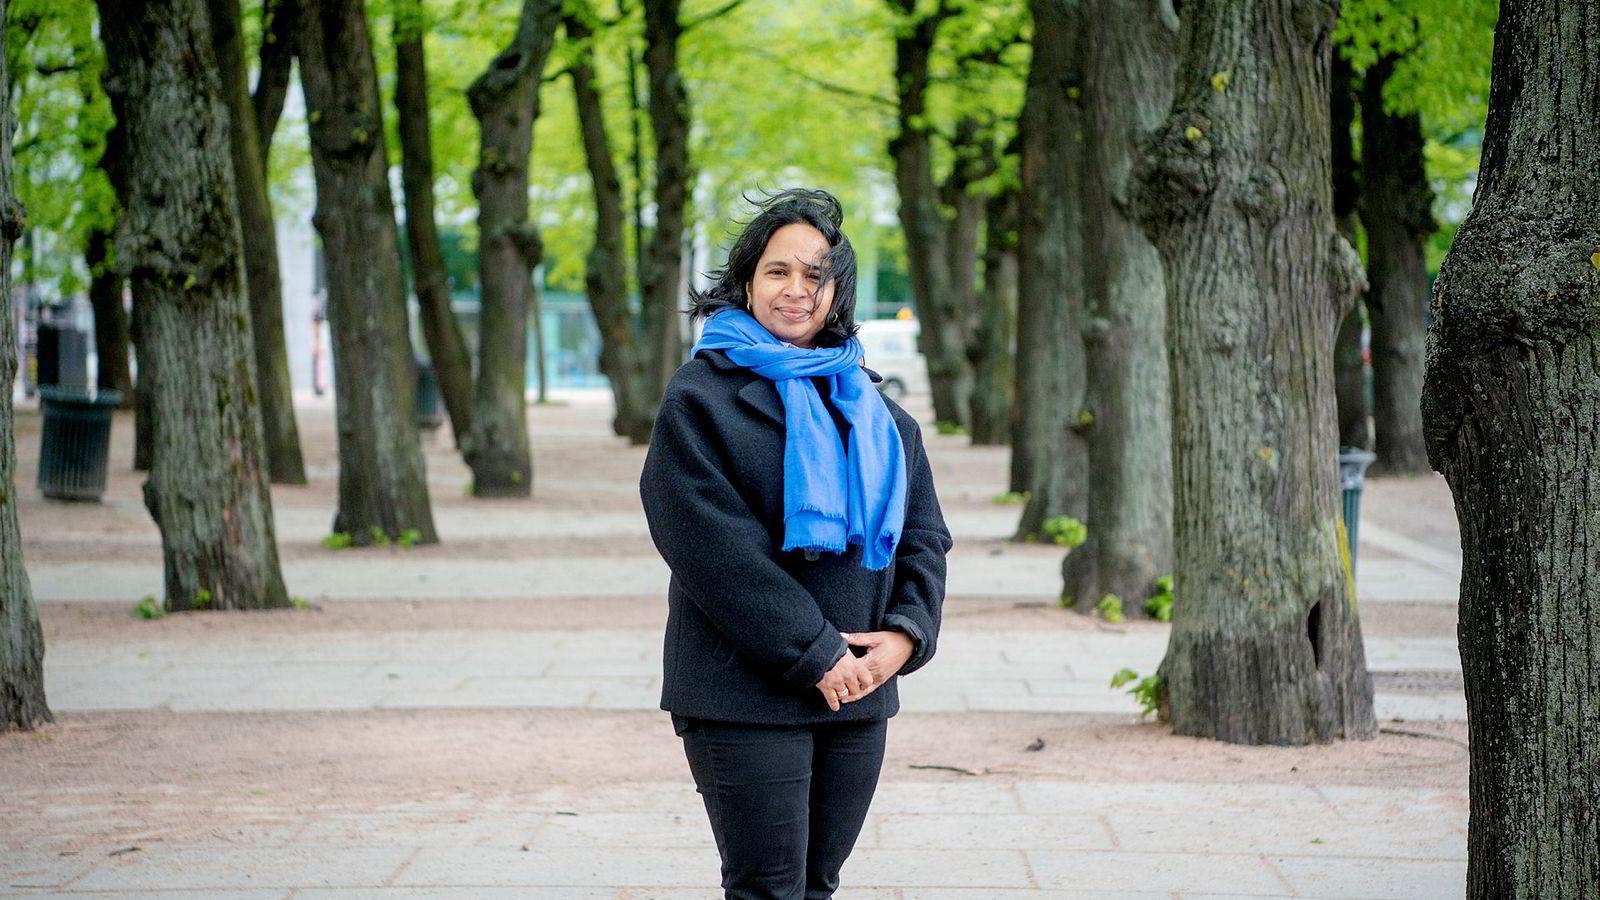 Hilde Bjorå (43) jobbet i mange år som sykepleier. Så ble hun lei, tok et klart valg, begynte å studere jus og er i dag jurist som jobber med offentlige anskaffelser.